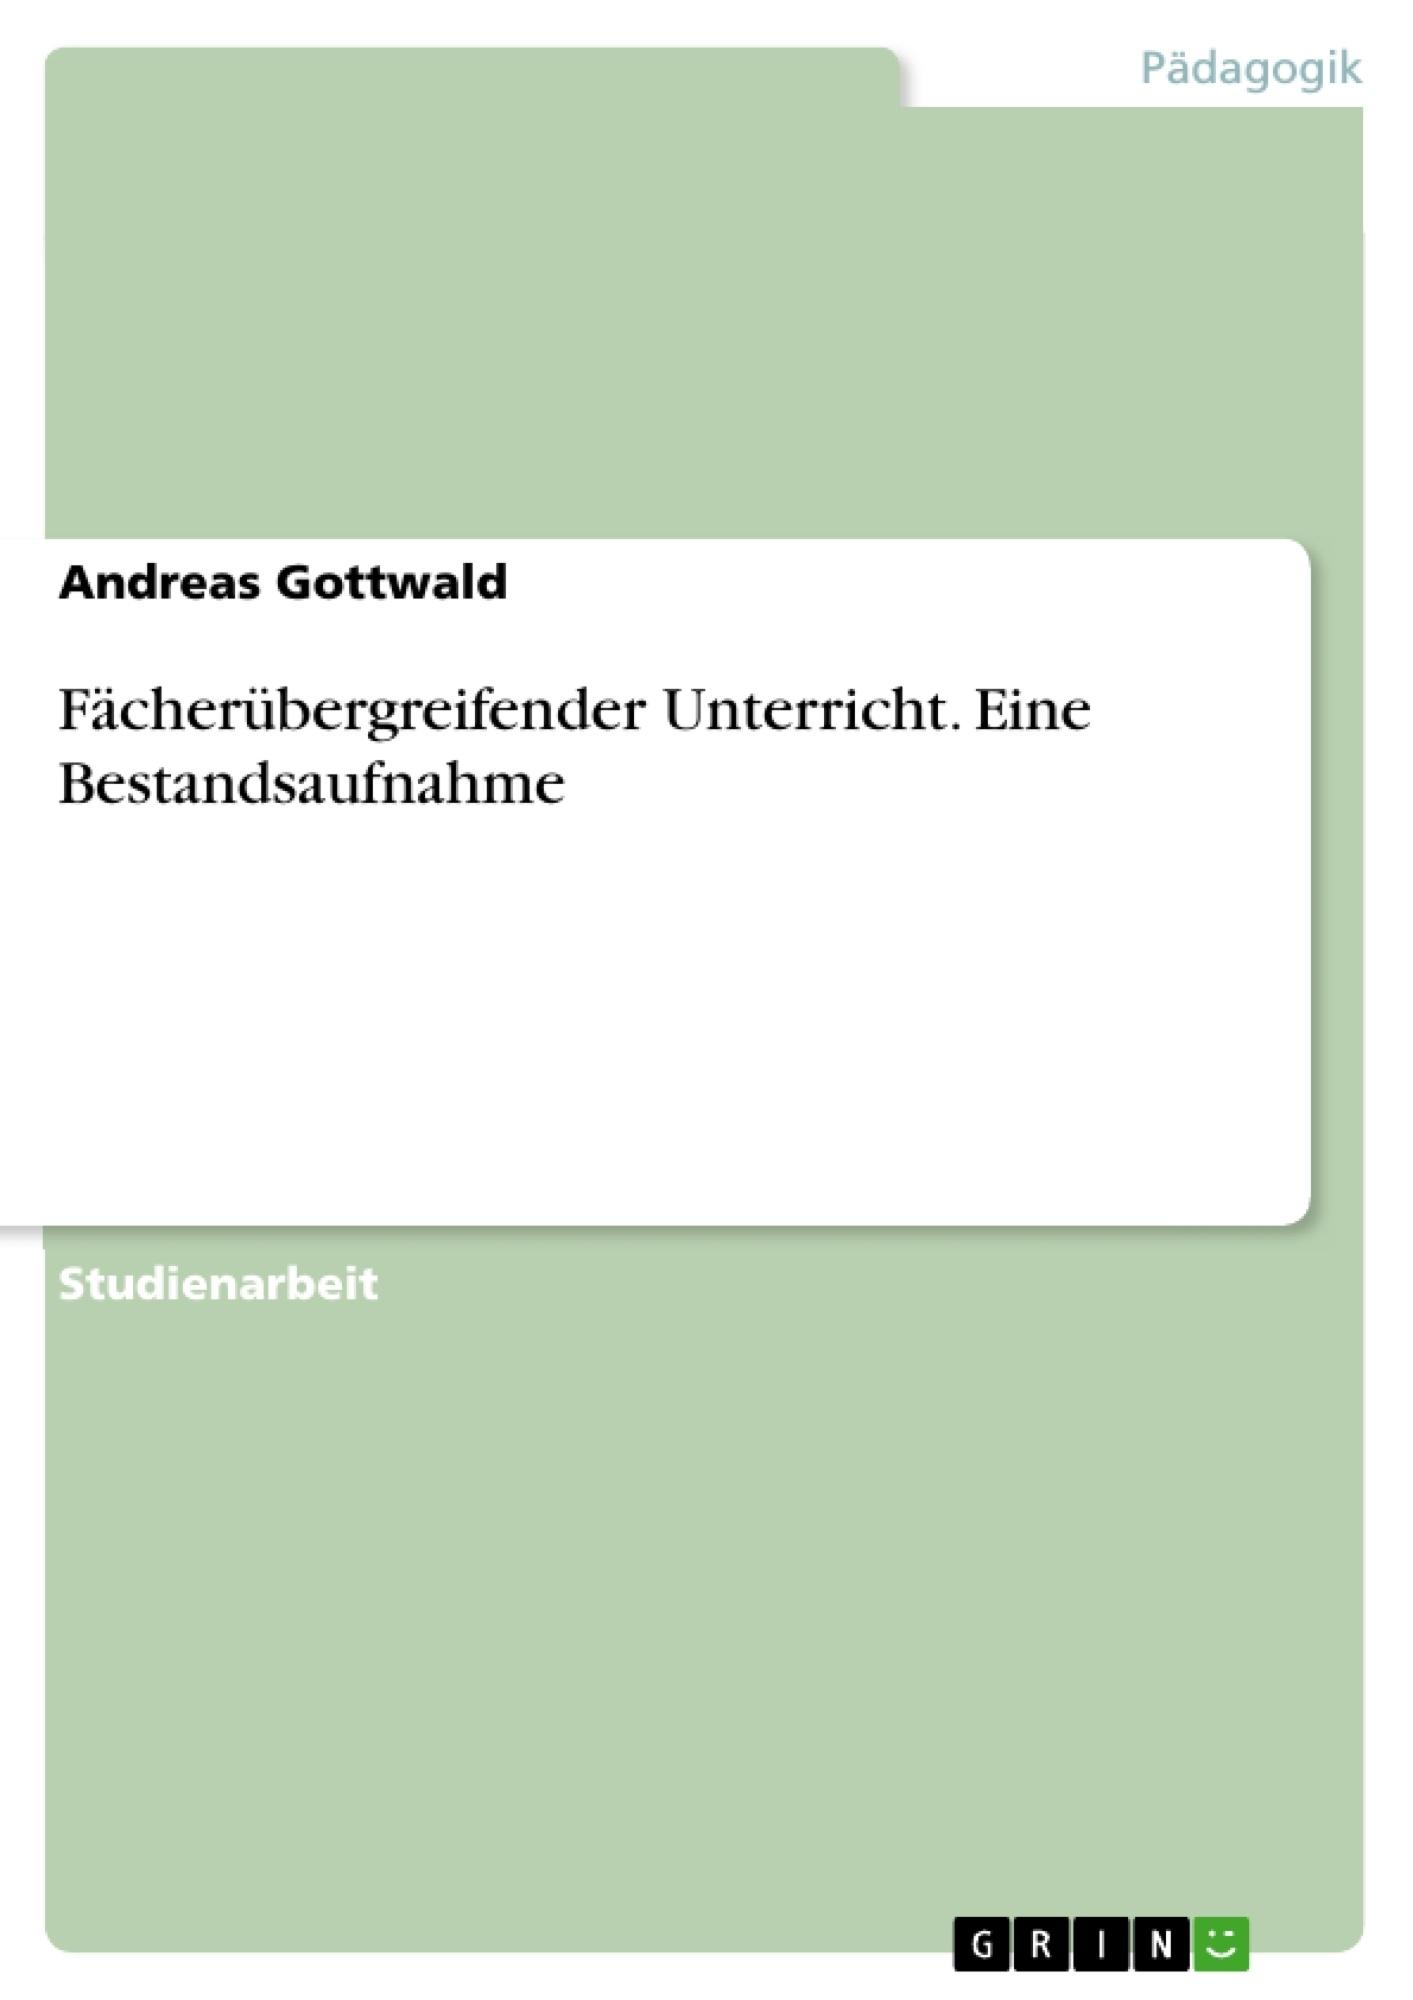 Titel: Fächerübergreifender Unterricht. Eine Bestandsaufnahme